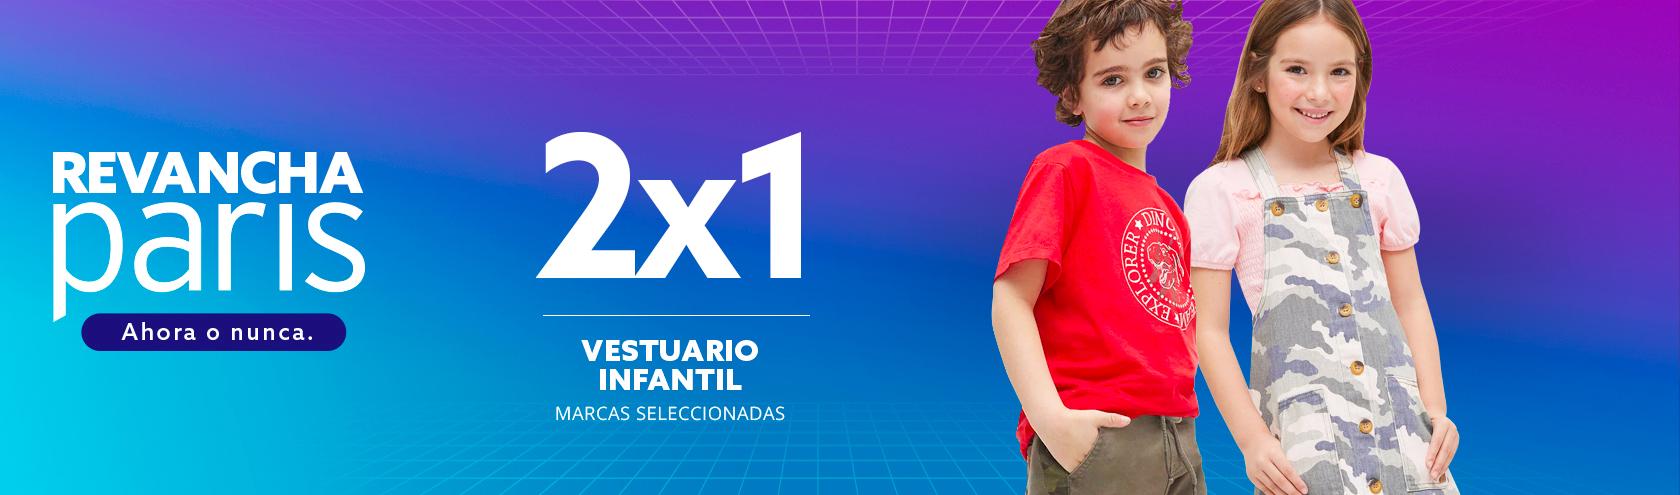 2x1 Vestuario Infantil Marcas seleccionadas